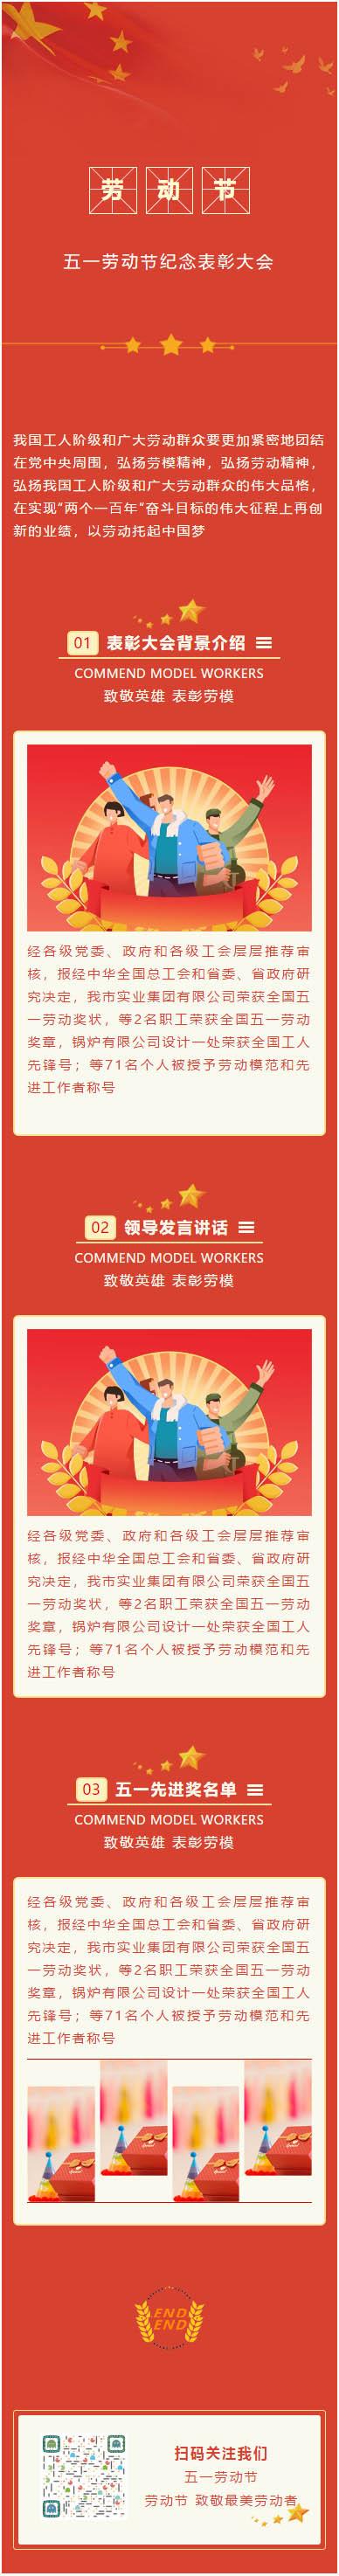 微信五一劳动节表彰大会51微信公众号推文模板推送图文素材